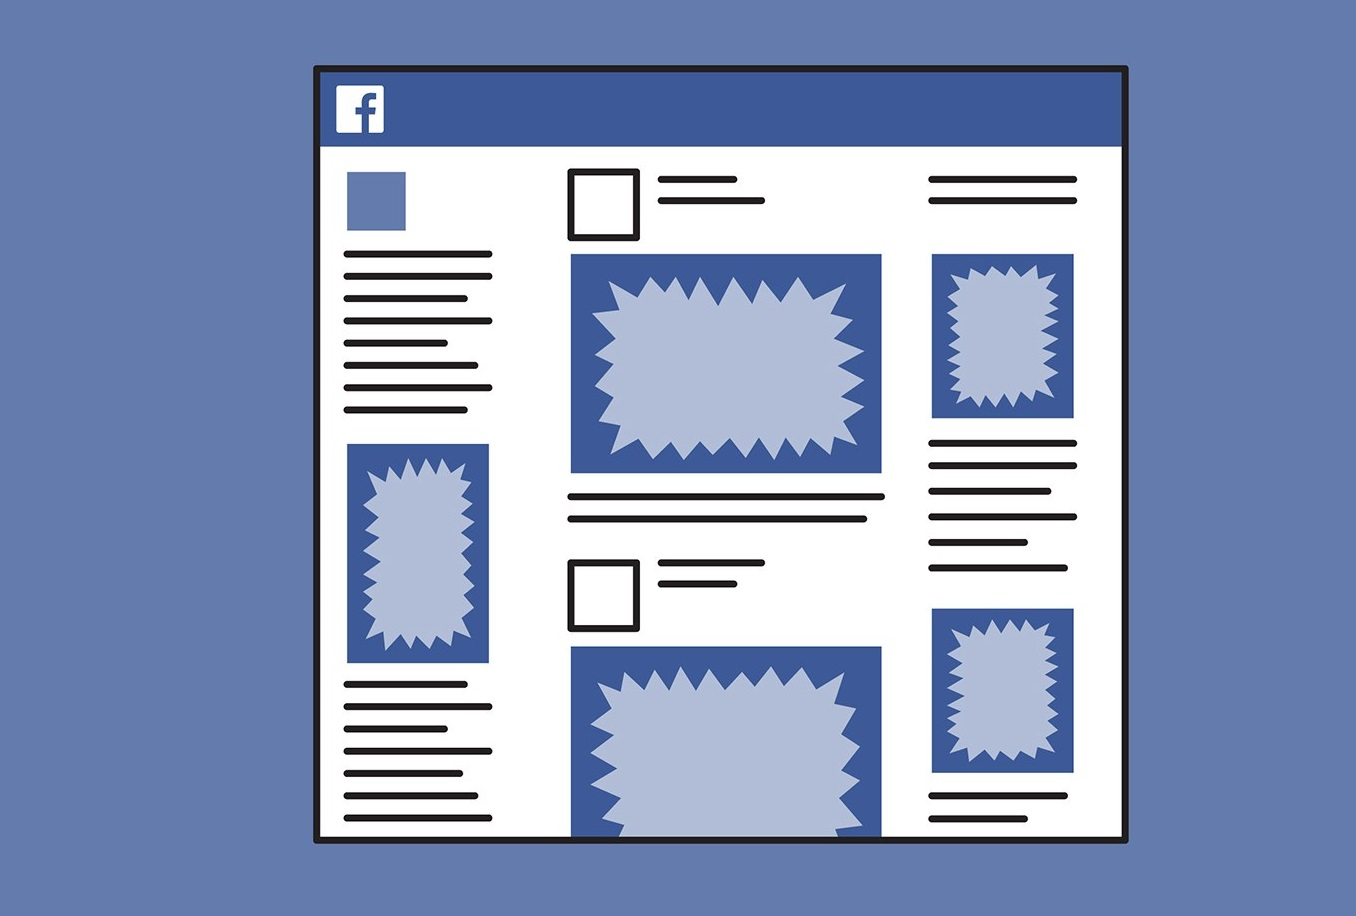 как сделать публикацию в фейсбук